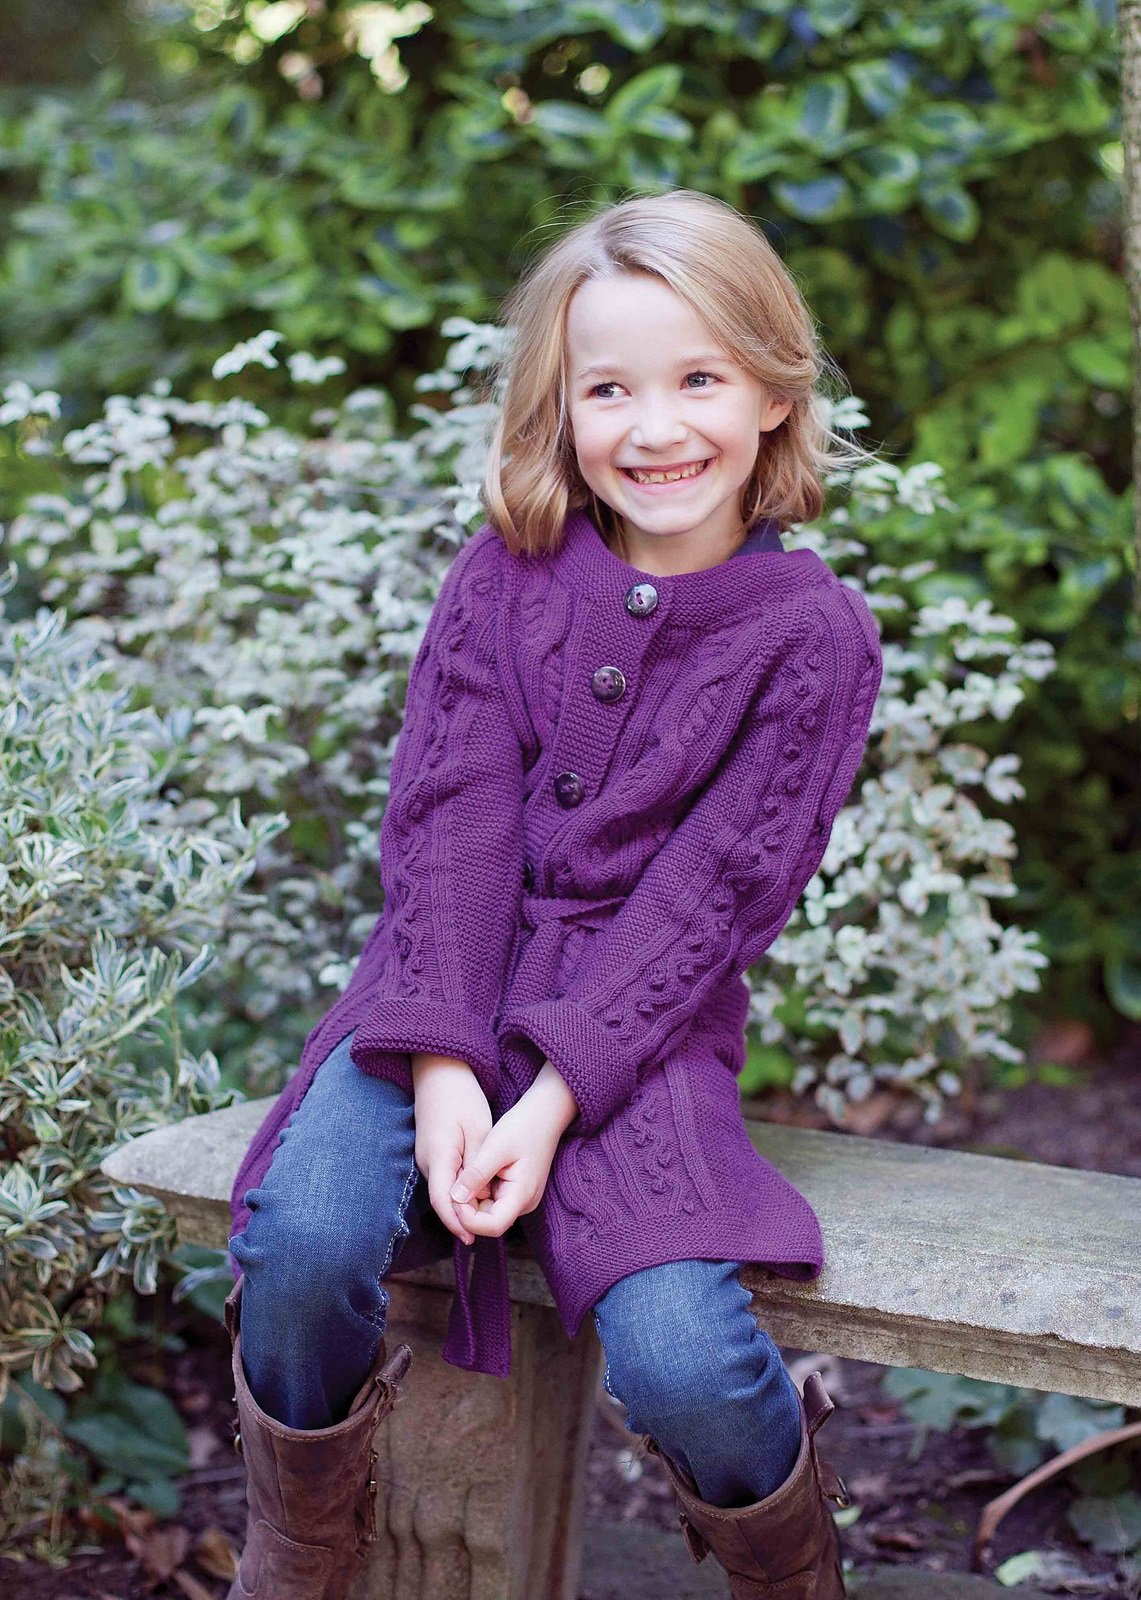 Кардиган для девочки 4 года вязание на спицах 231